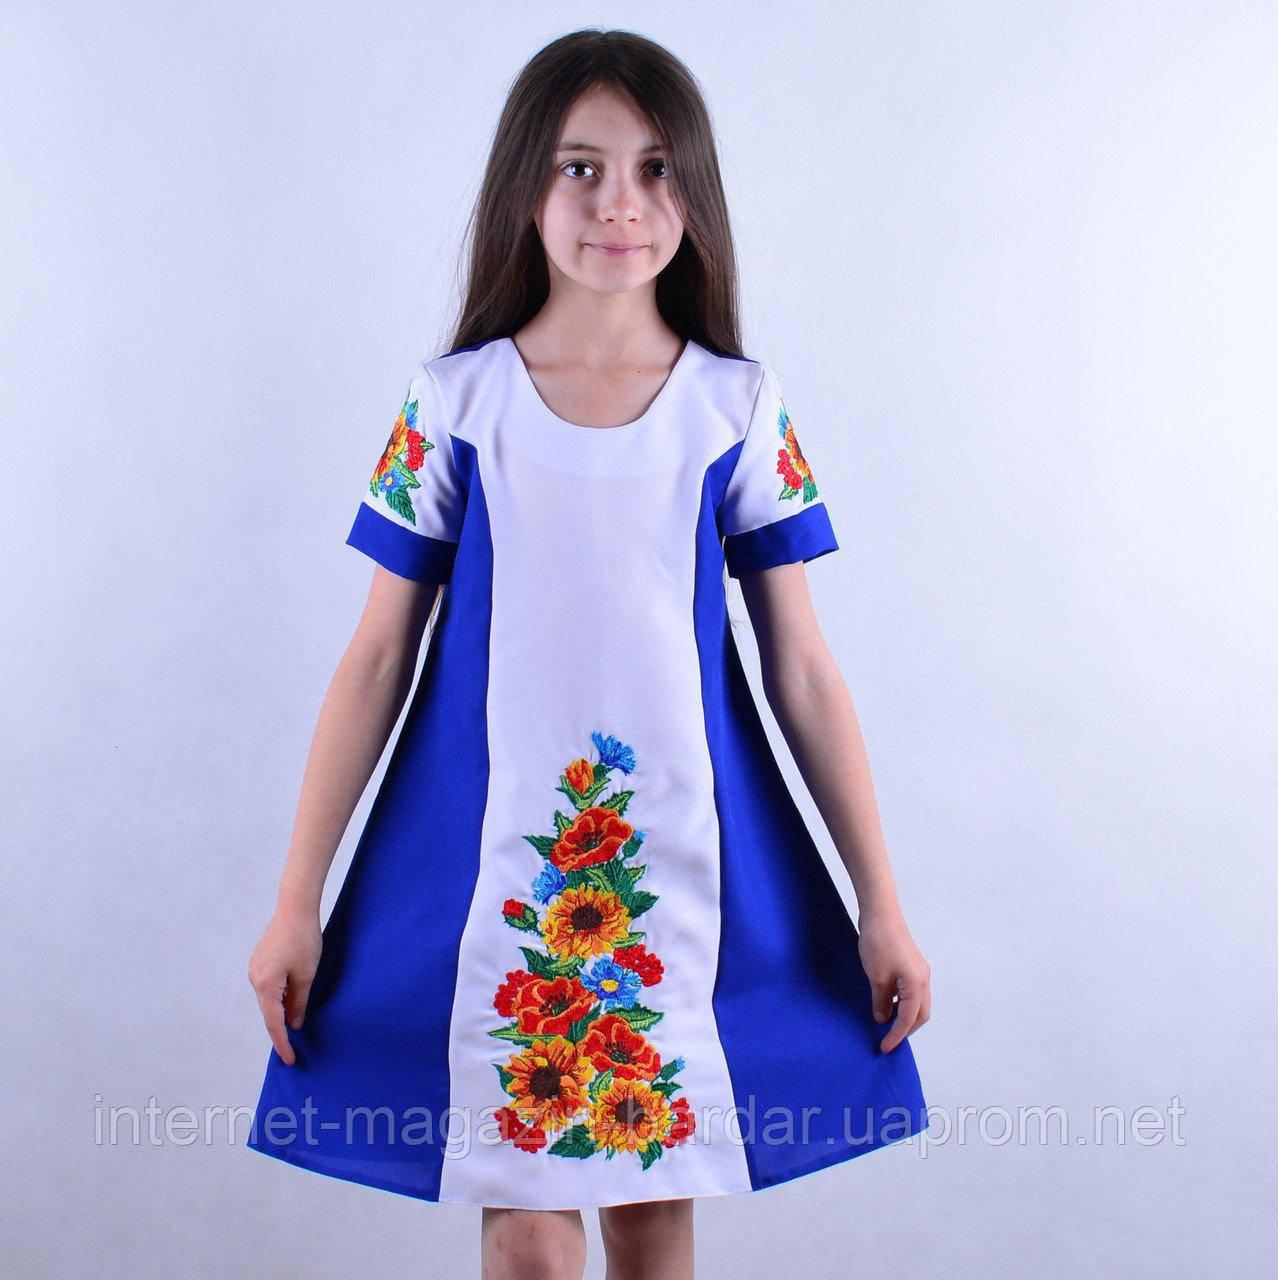 """Вишита сукня для дівчинки """"Соняхи"""", фото 1"""